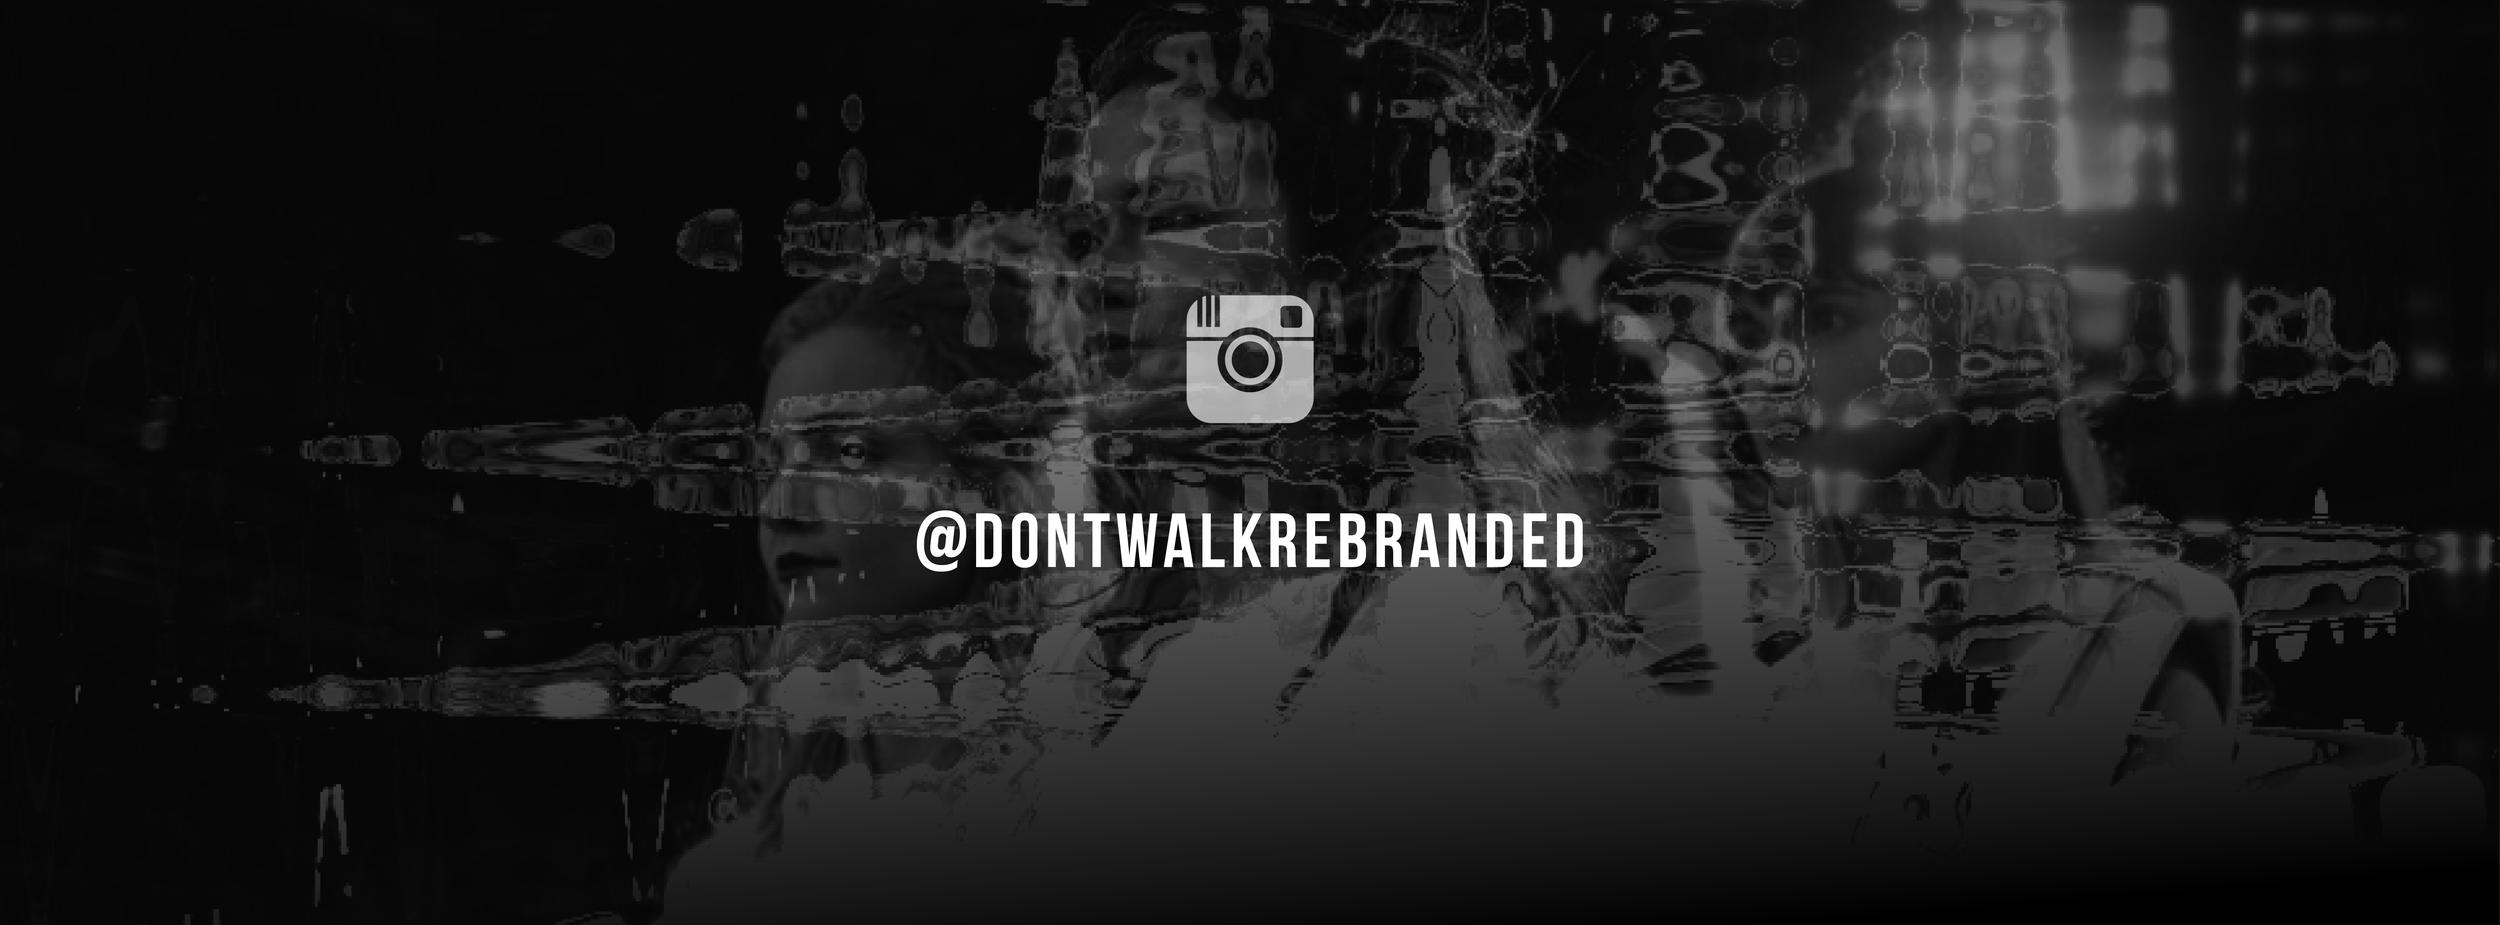 instagramcoverphoto.jpg